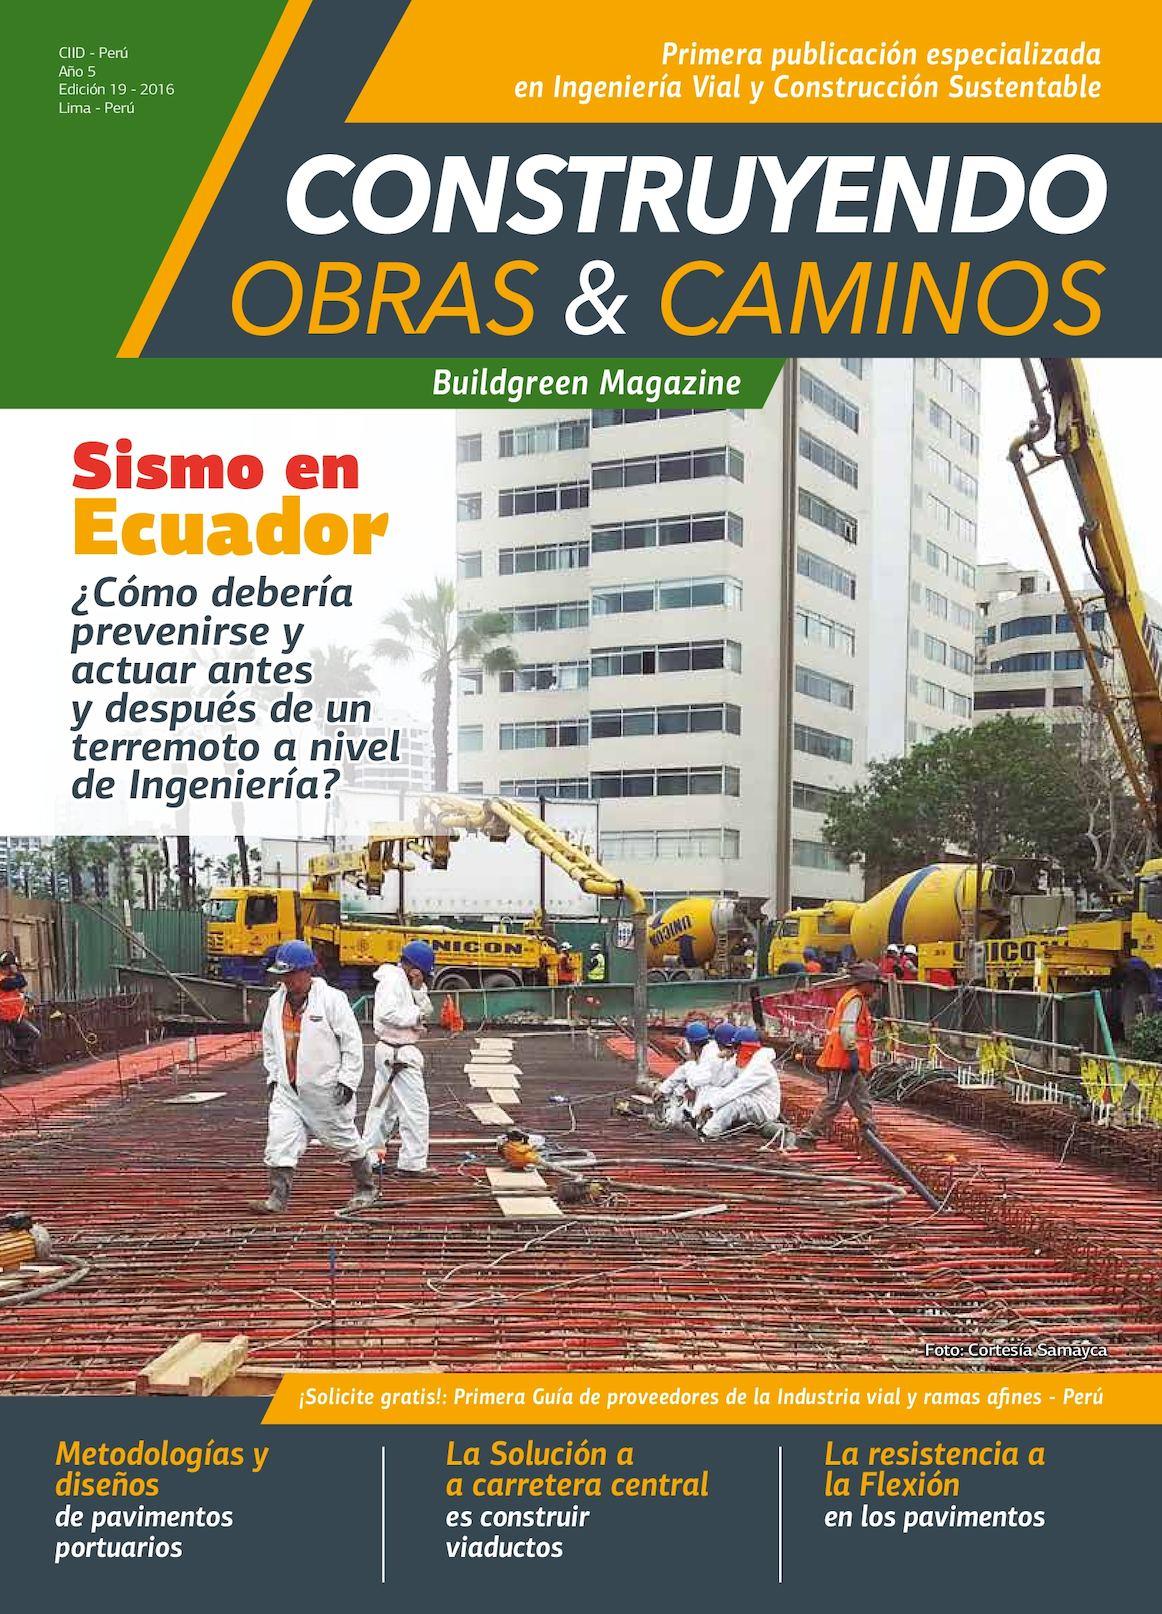 Resultado de imagen para El Ejercito sigue Construyendo Obras en Putumayo